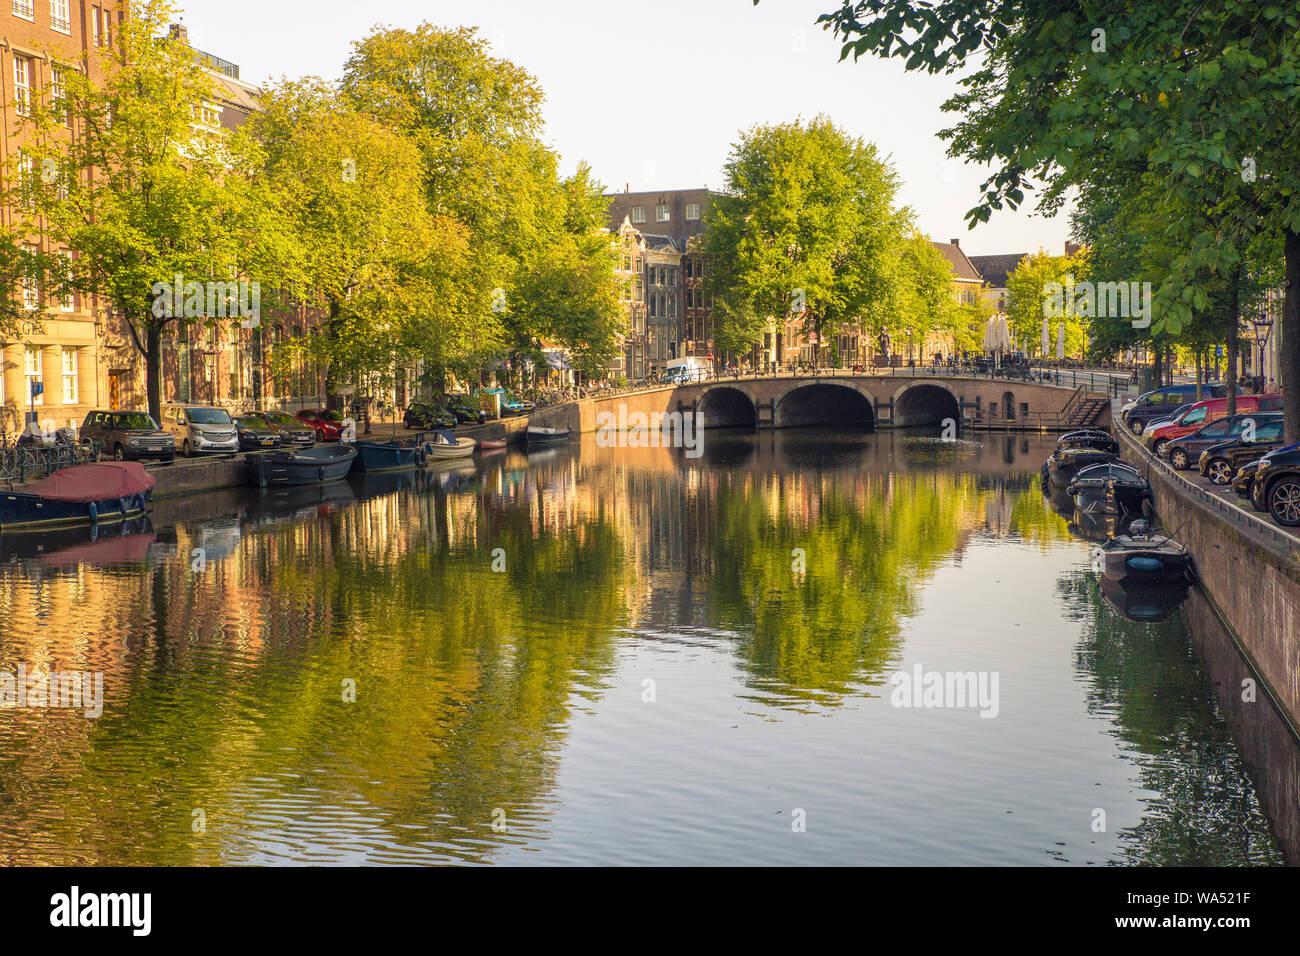 AMSTERDAM, Pays-Bas - 1 septembre 2018: vue sur le canal, pont et l'architecture dans cette scène de la ville d'Amsterdam Banque D'Images